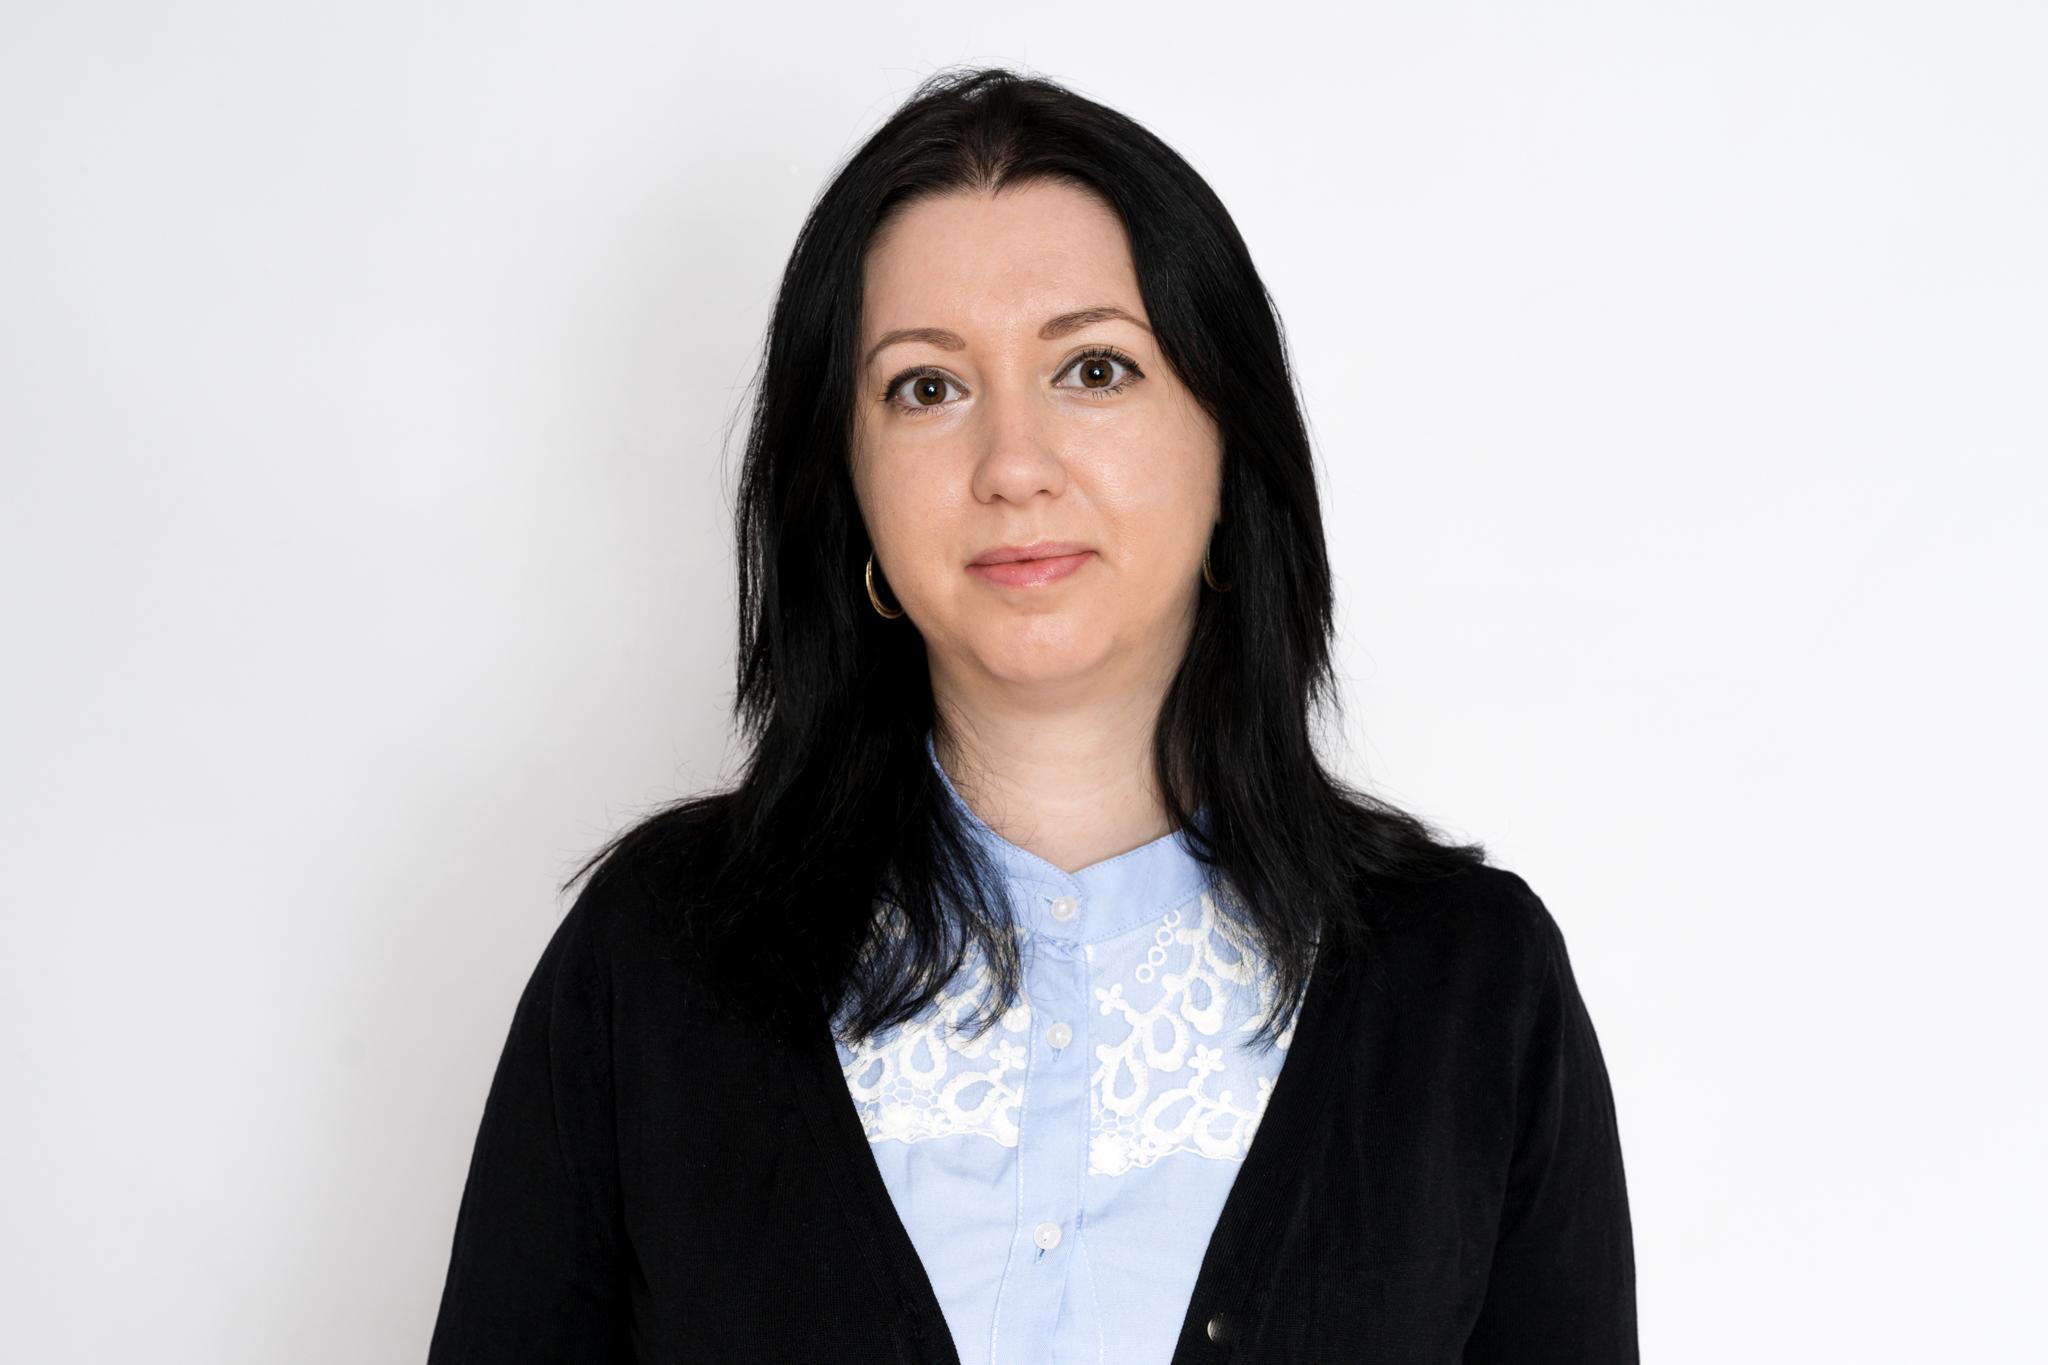 Mariana Cărare